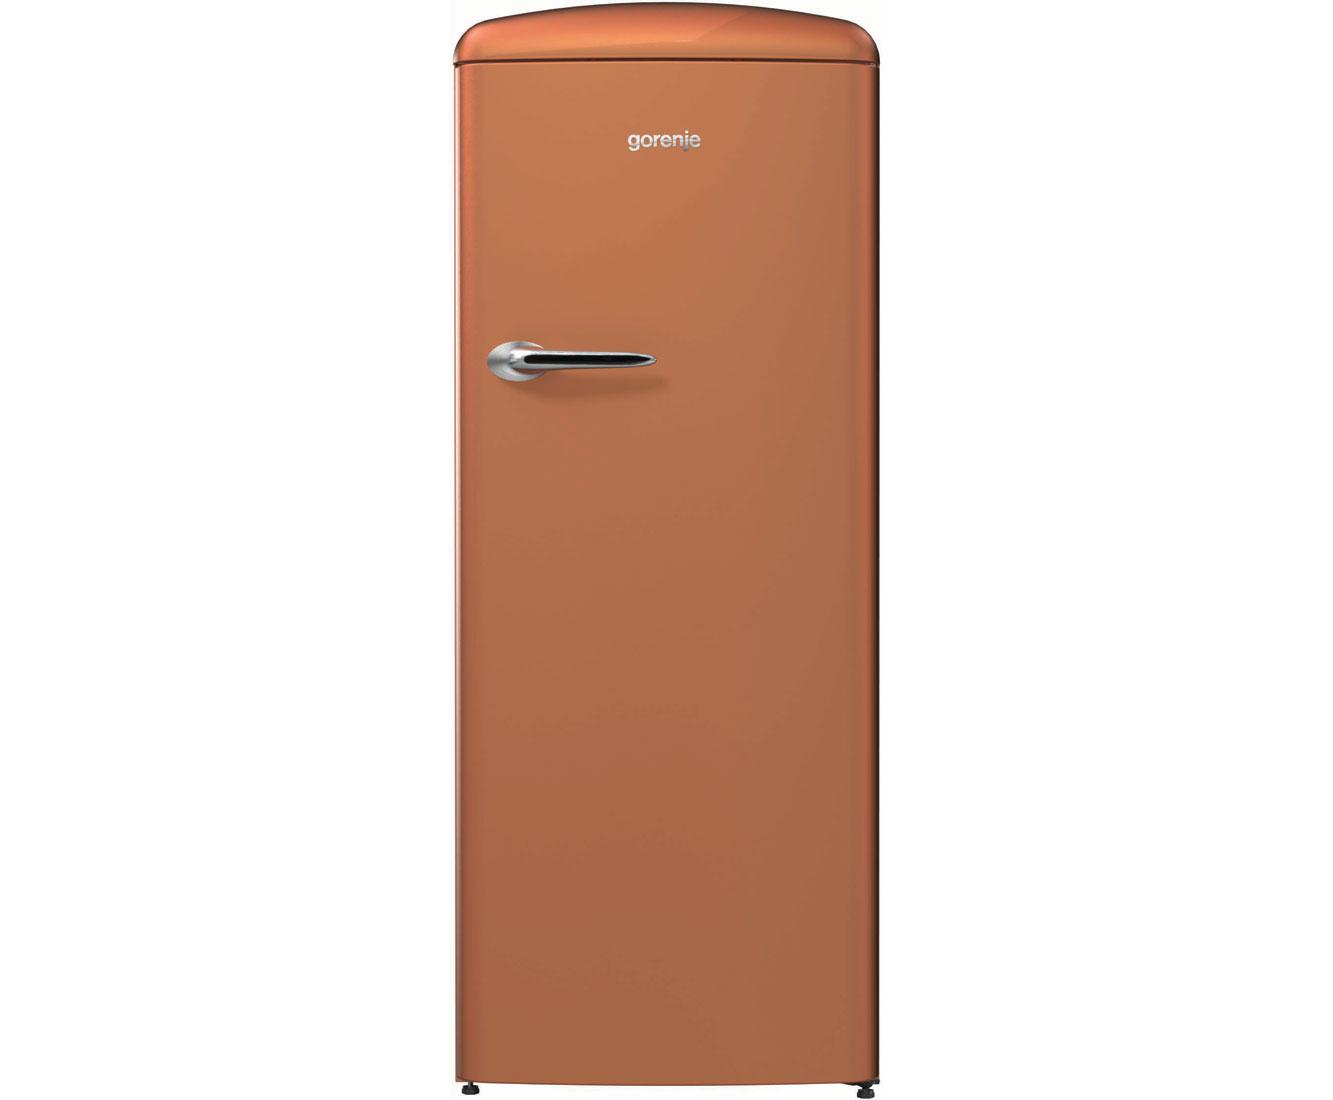 Bosch Kühlschrank Notebooksbilliger : Rabatt preisvergleich weiße ware u e kühlen gefrieren u e kühlschrank